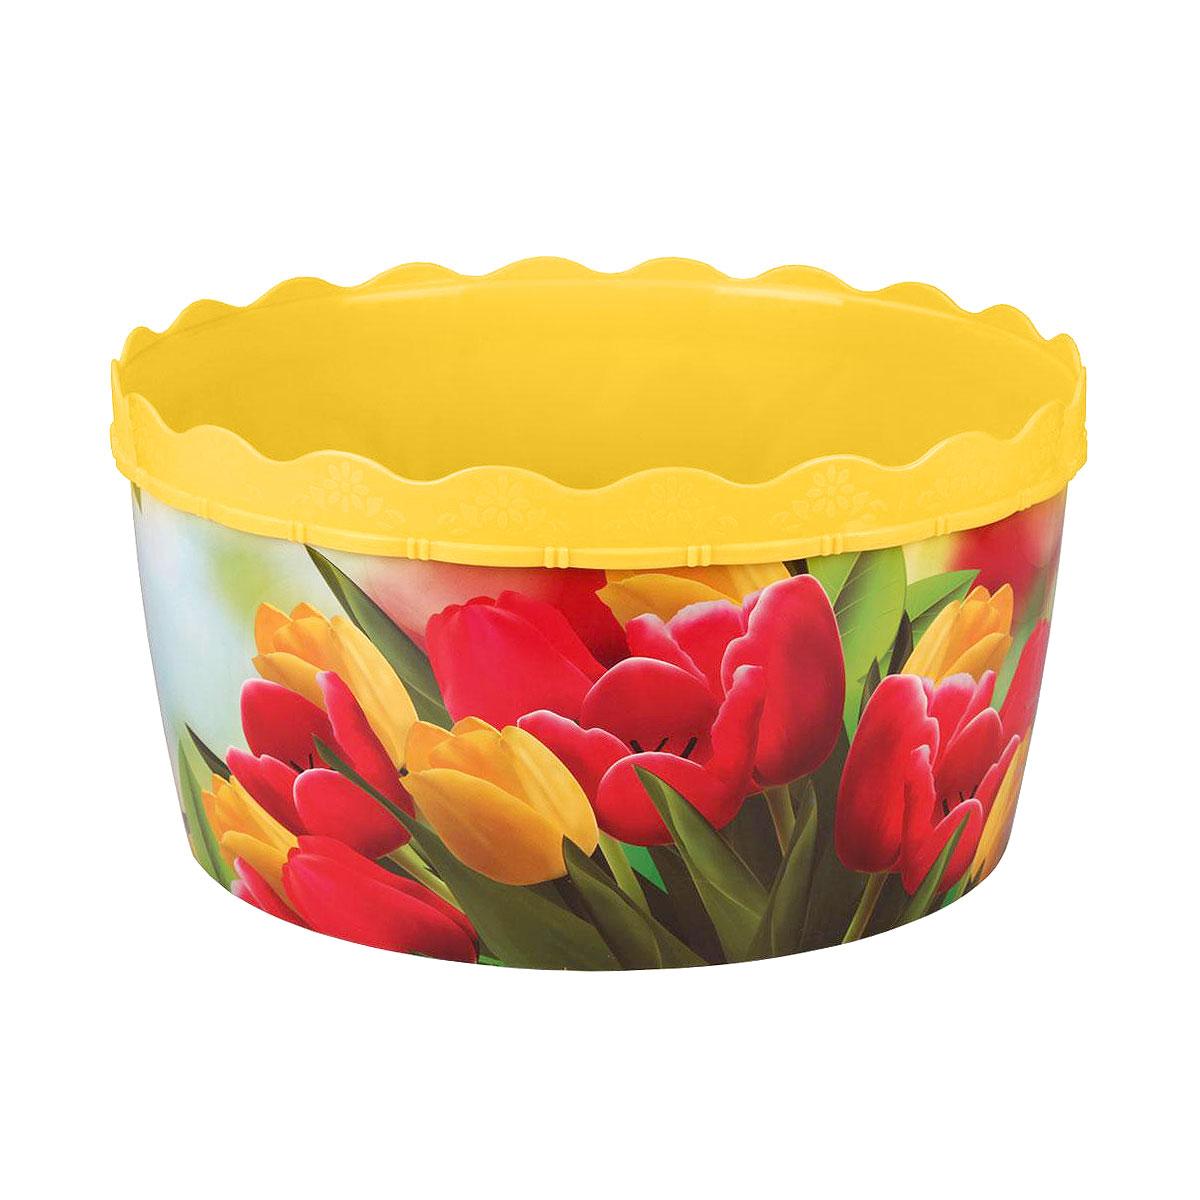 Таз Тюльпаны, цвет: желтый, 12 лМ3107Таз Тюльпаны станет незаменимым помощником в хозяйстве. Он выполнен из качественного пластика и прослужит долгие годы.